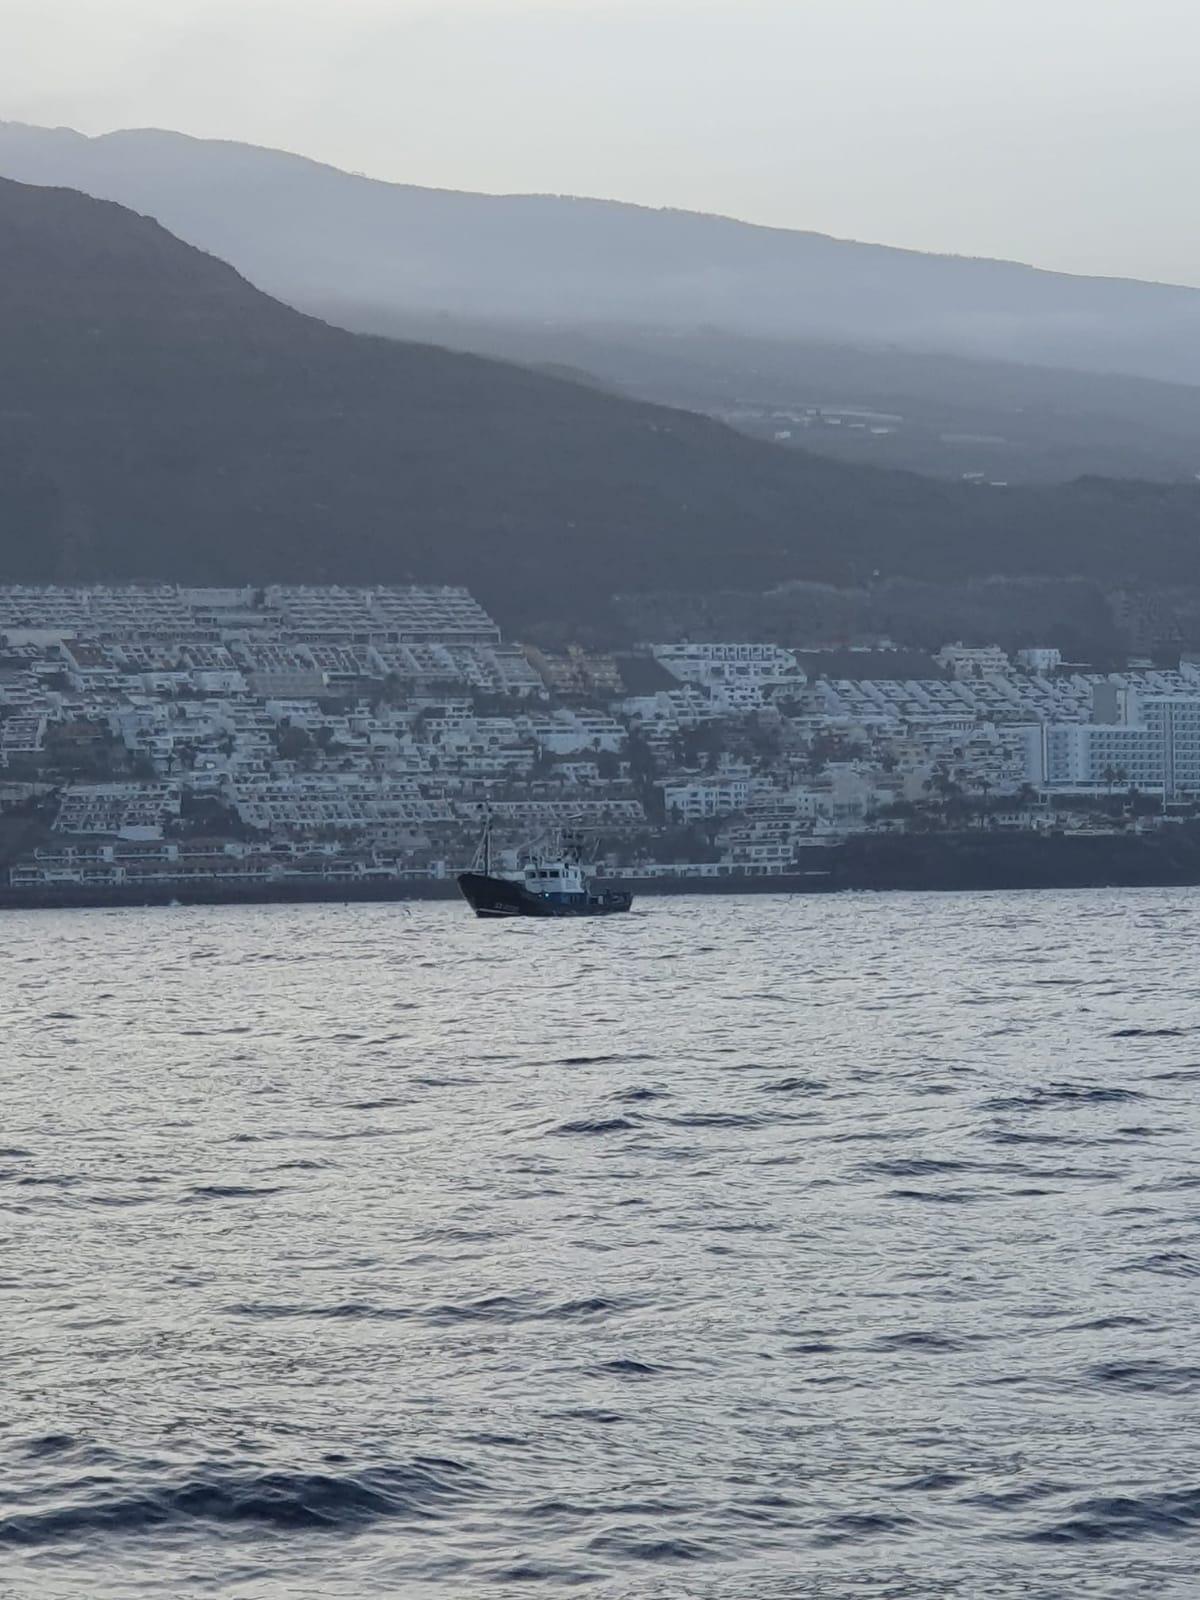 Barco pesquero que hizo de supuesto buque nodriza